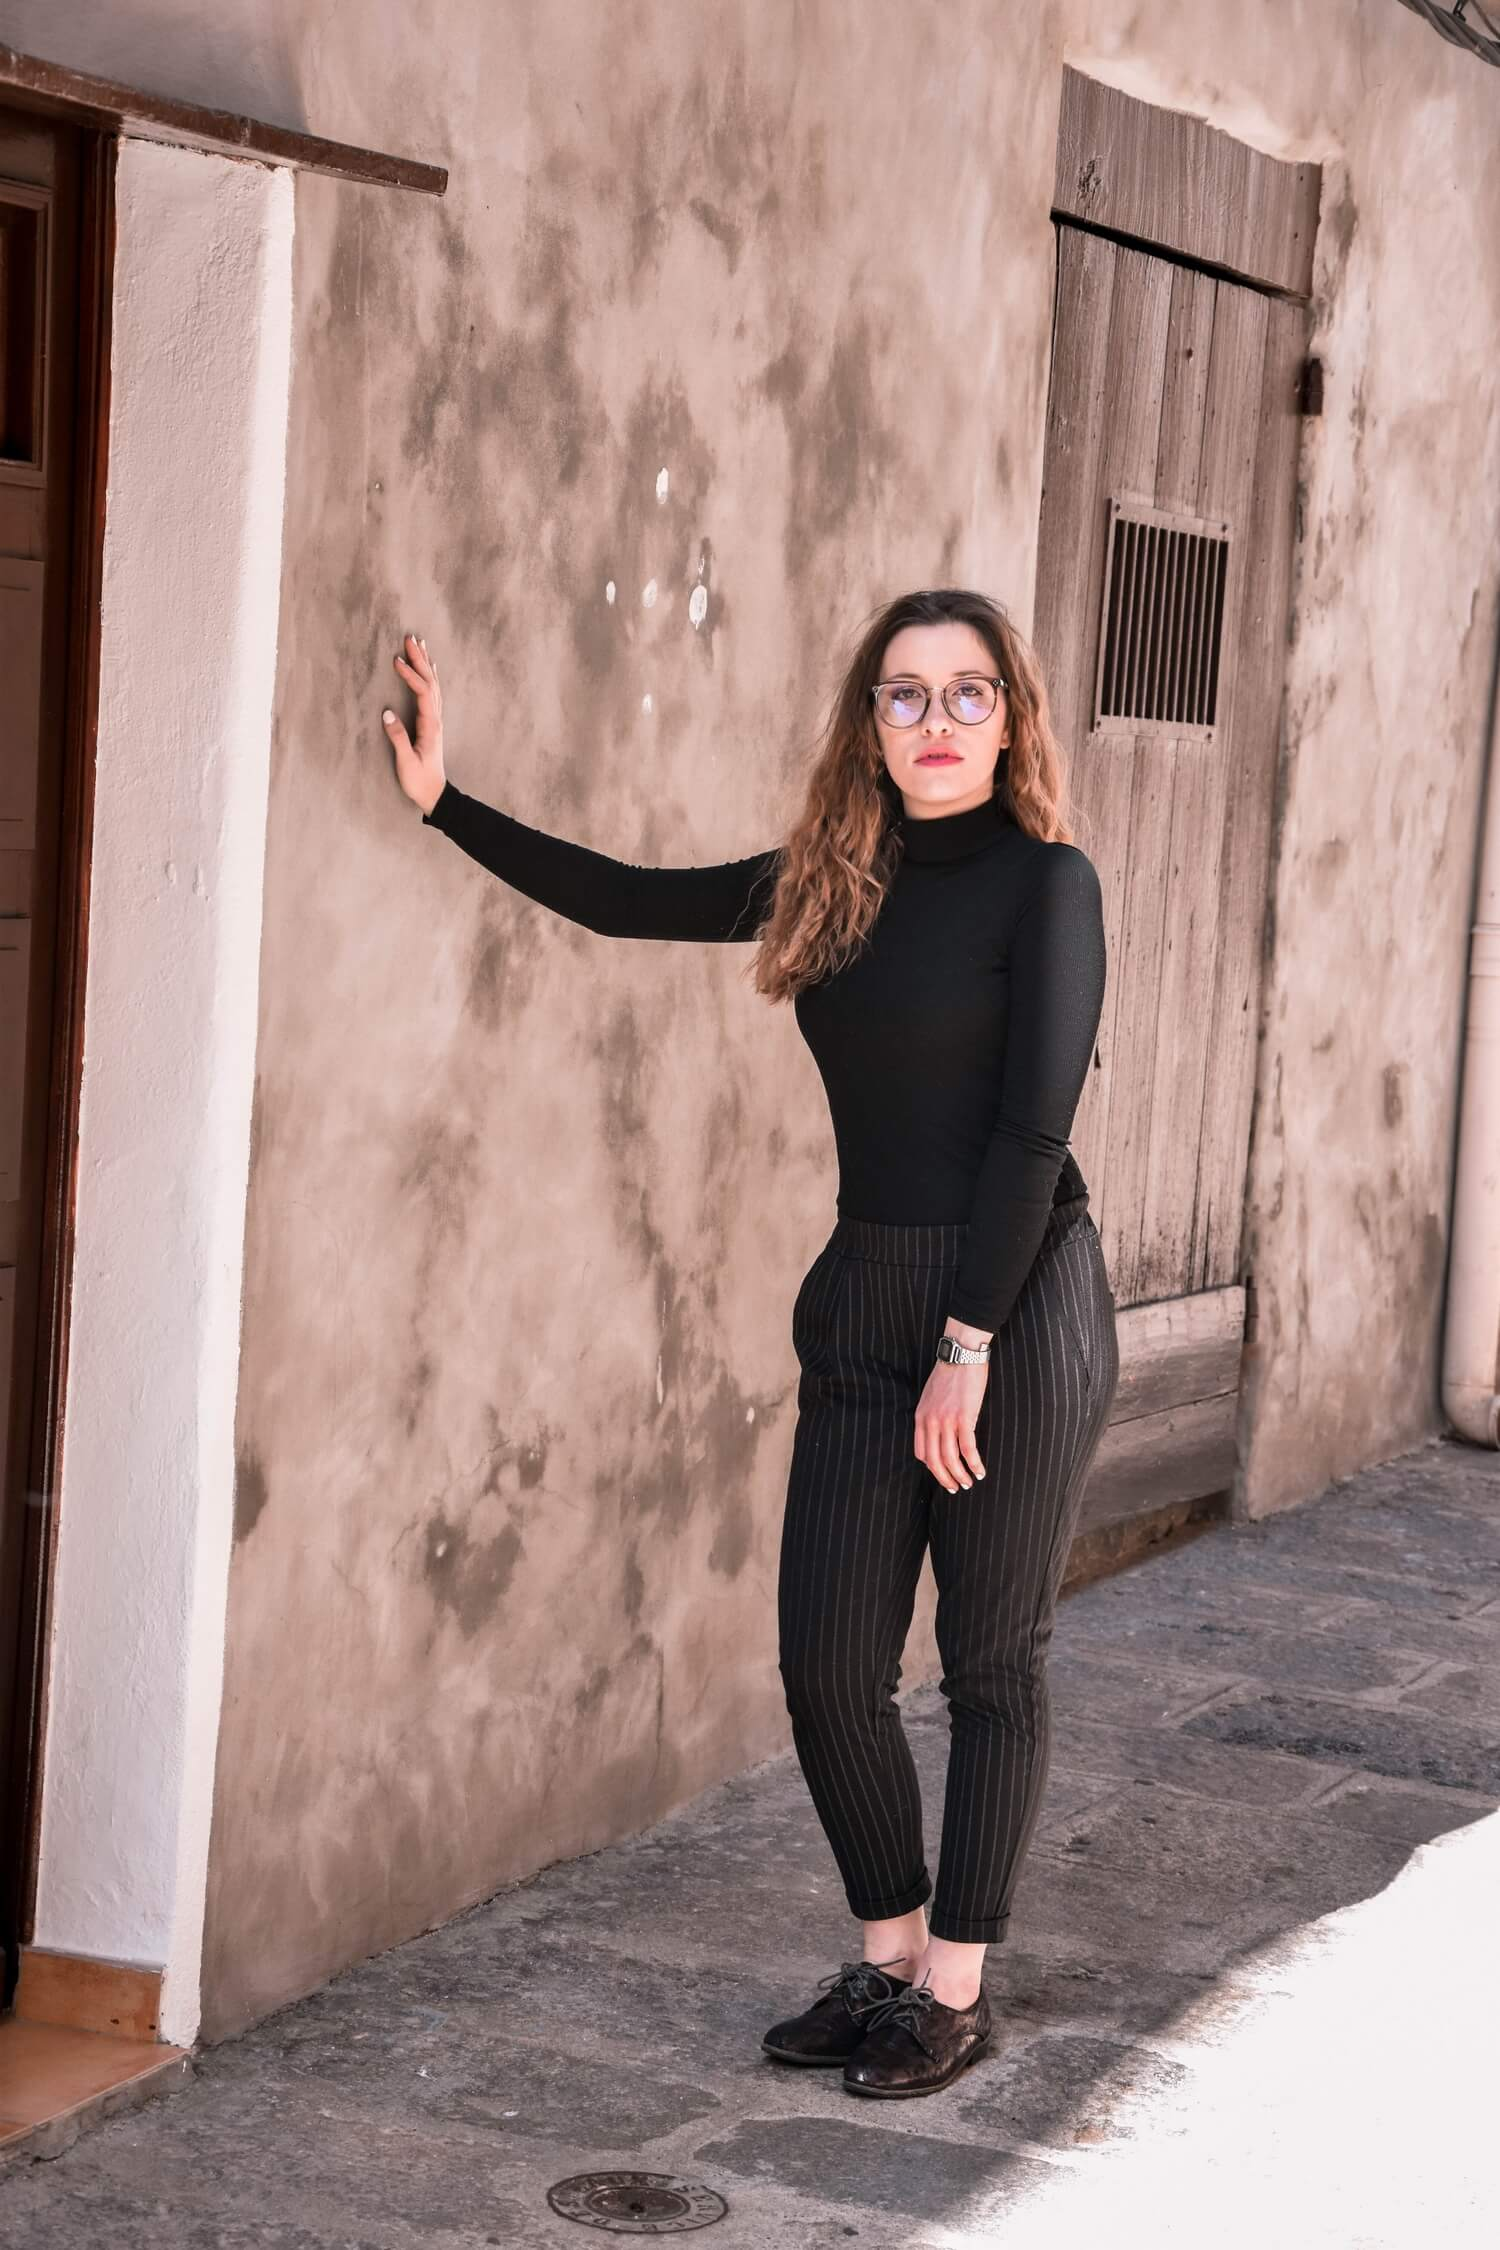 Col roulé noir, pantalon carotte avec des rayures, blazer, derbys et grosses lunettes | happinesscoco.com